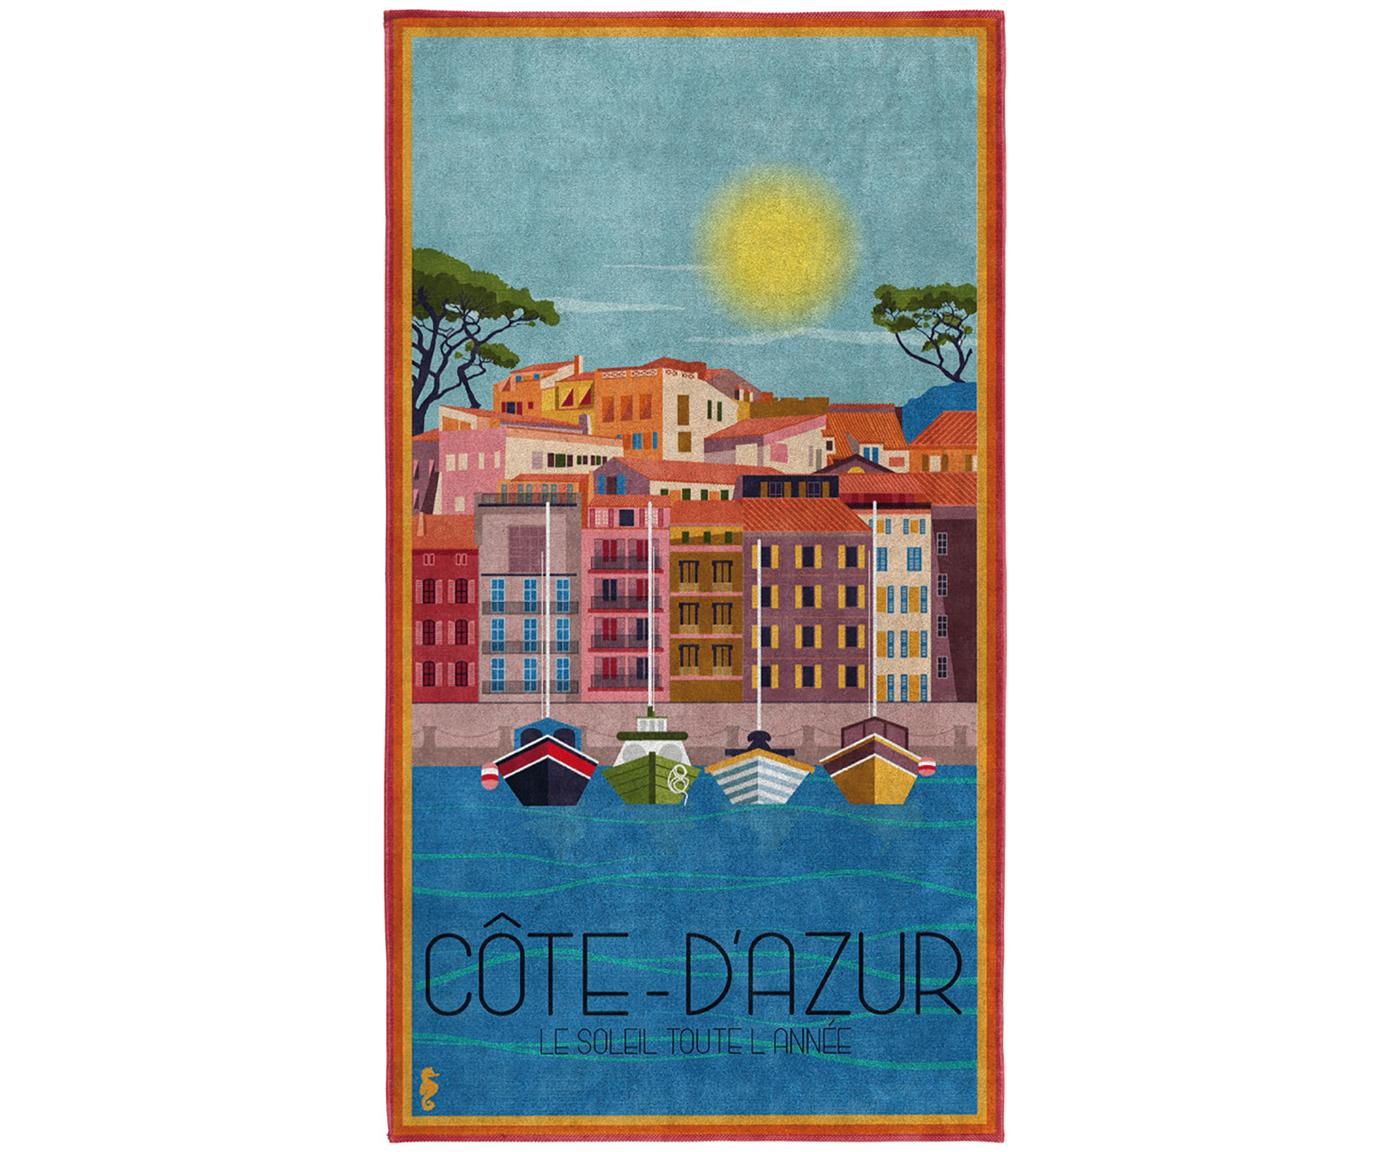 Ręcznik plażowy Riviera, Egipska bawełna Średnia gramatura 420 g/m, Wielobarwny, S 90 x D 170 cm